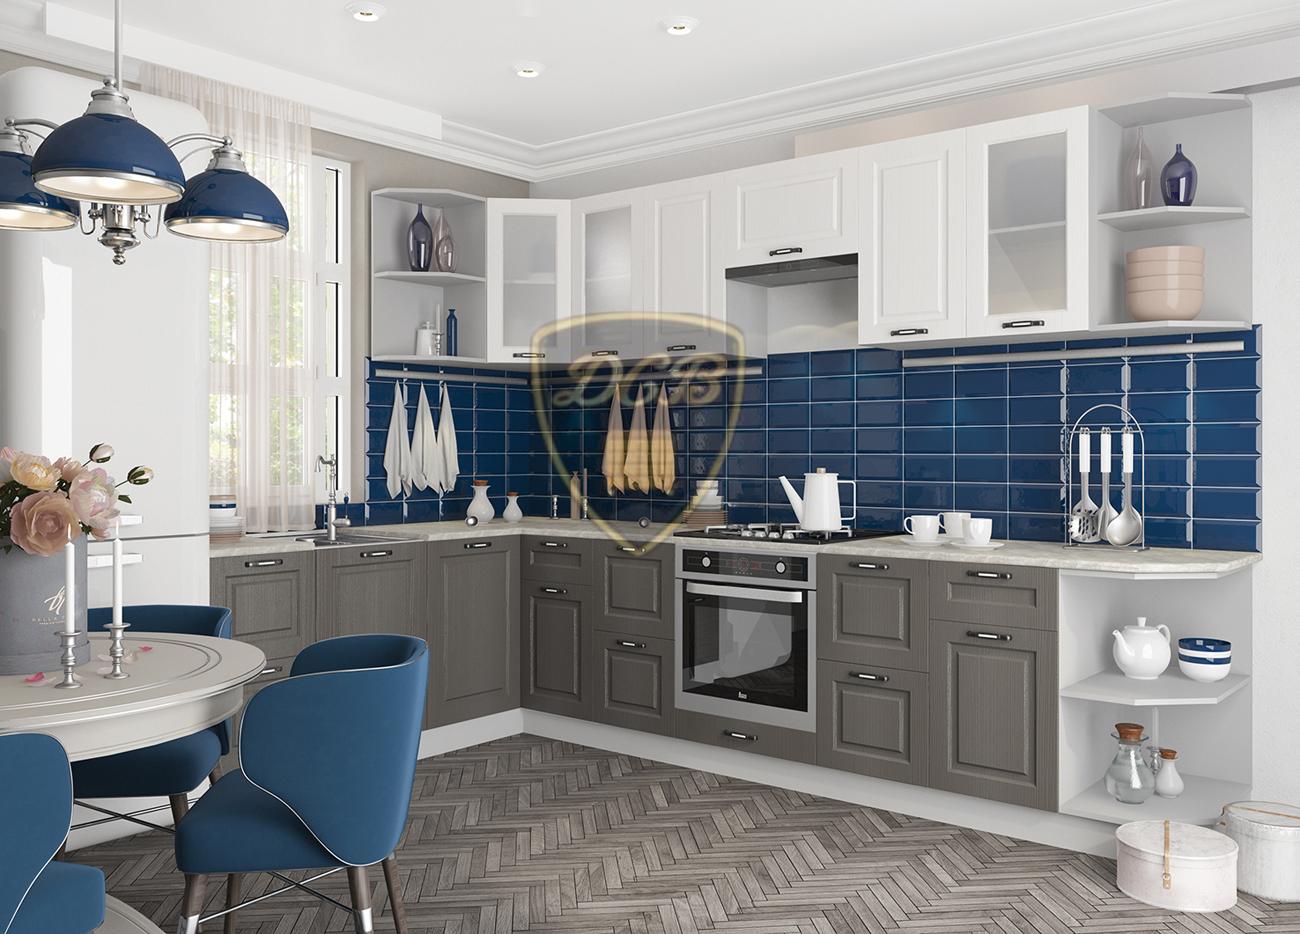 Кухня Капри ПГС 800 Шкаф верхний горизонтальный стекло